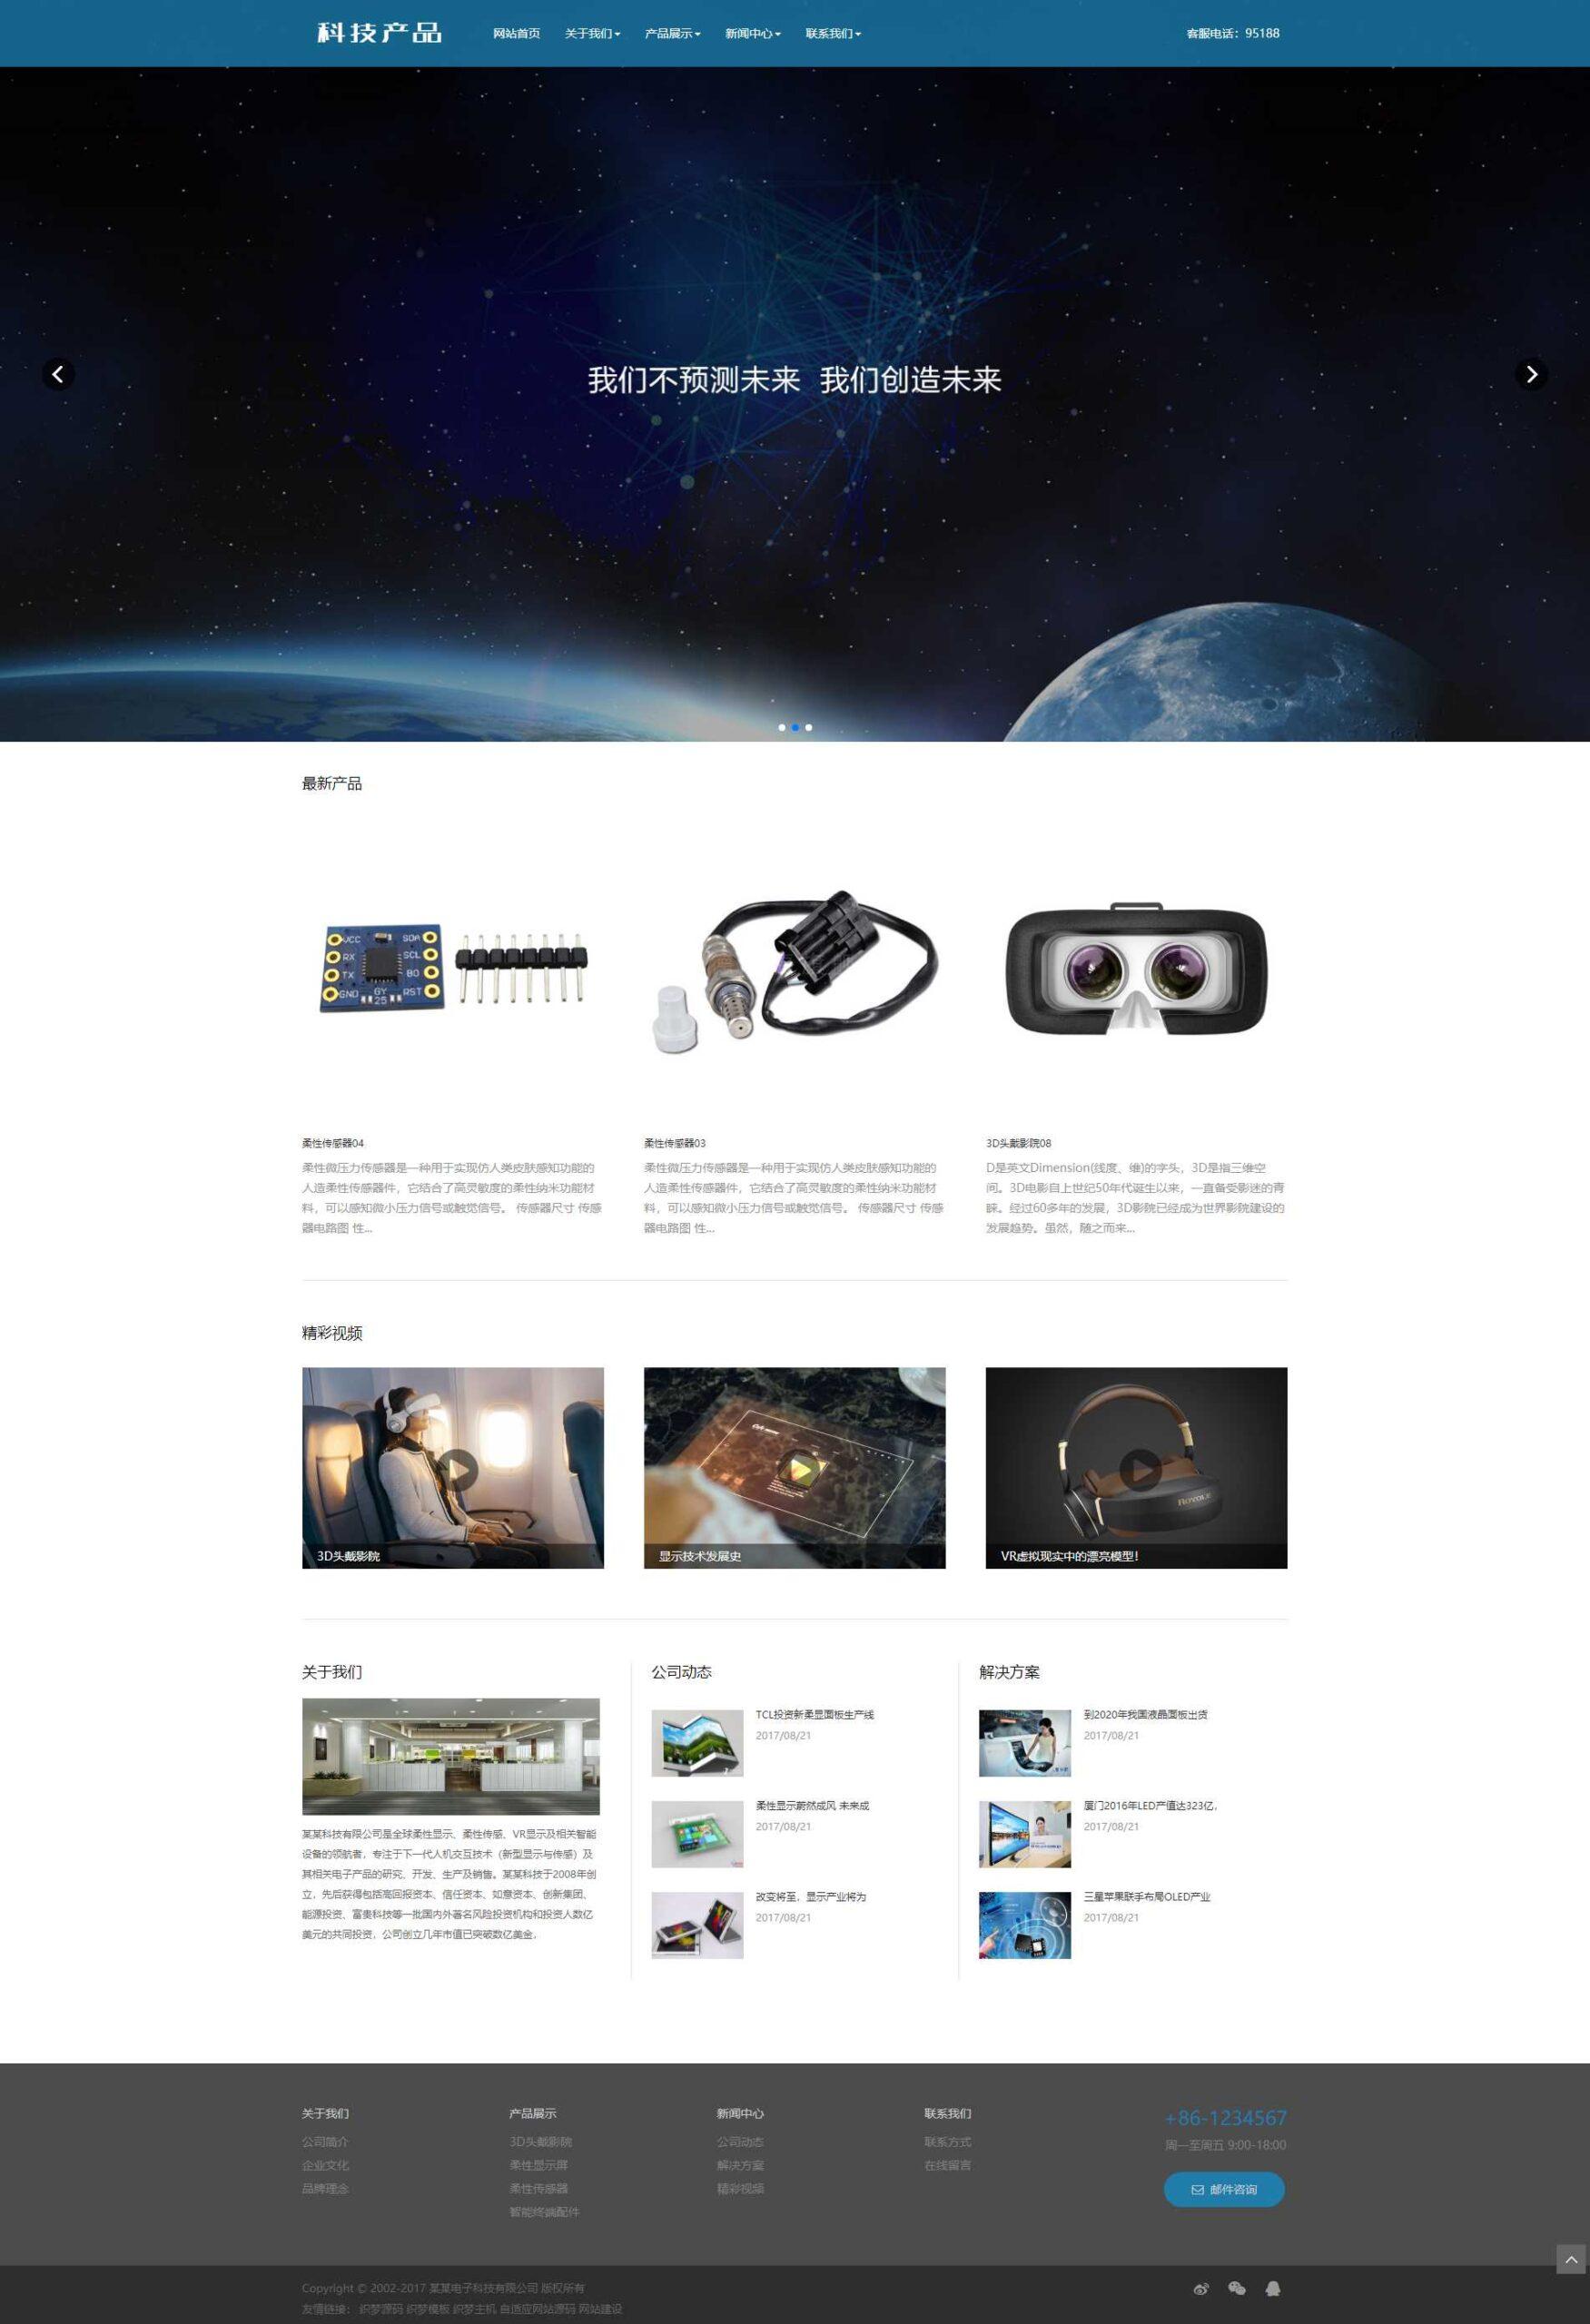 鹤云资源博客-织梦H5科技产品企业官网源码分享dede织梦模板下载[带移动手机端]插图